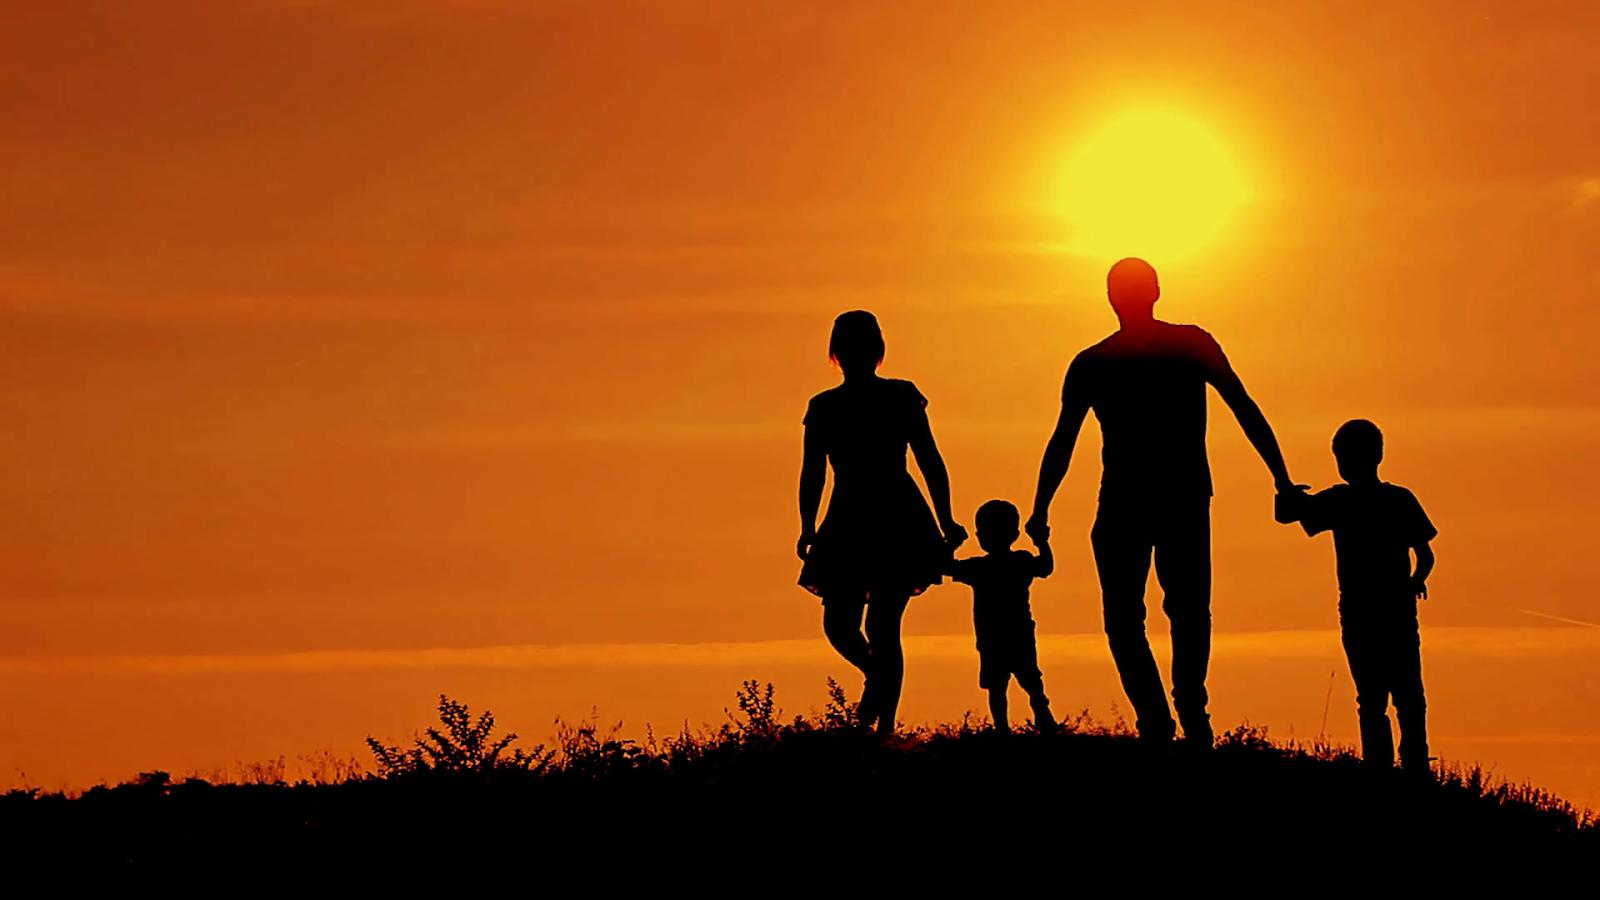 Có bao nhiêu lần bạn nghĩ về cha mẹ ???